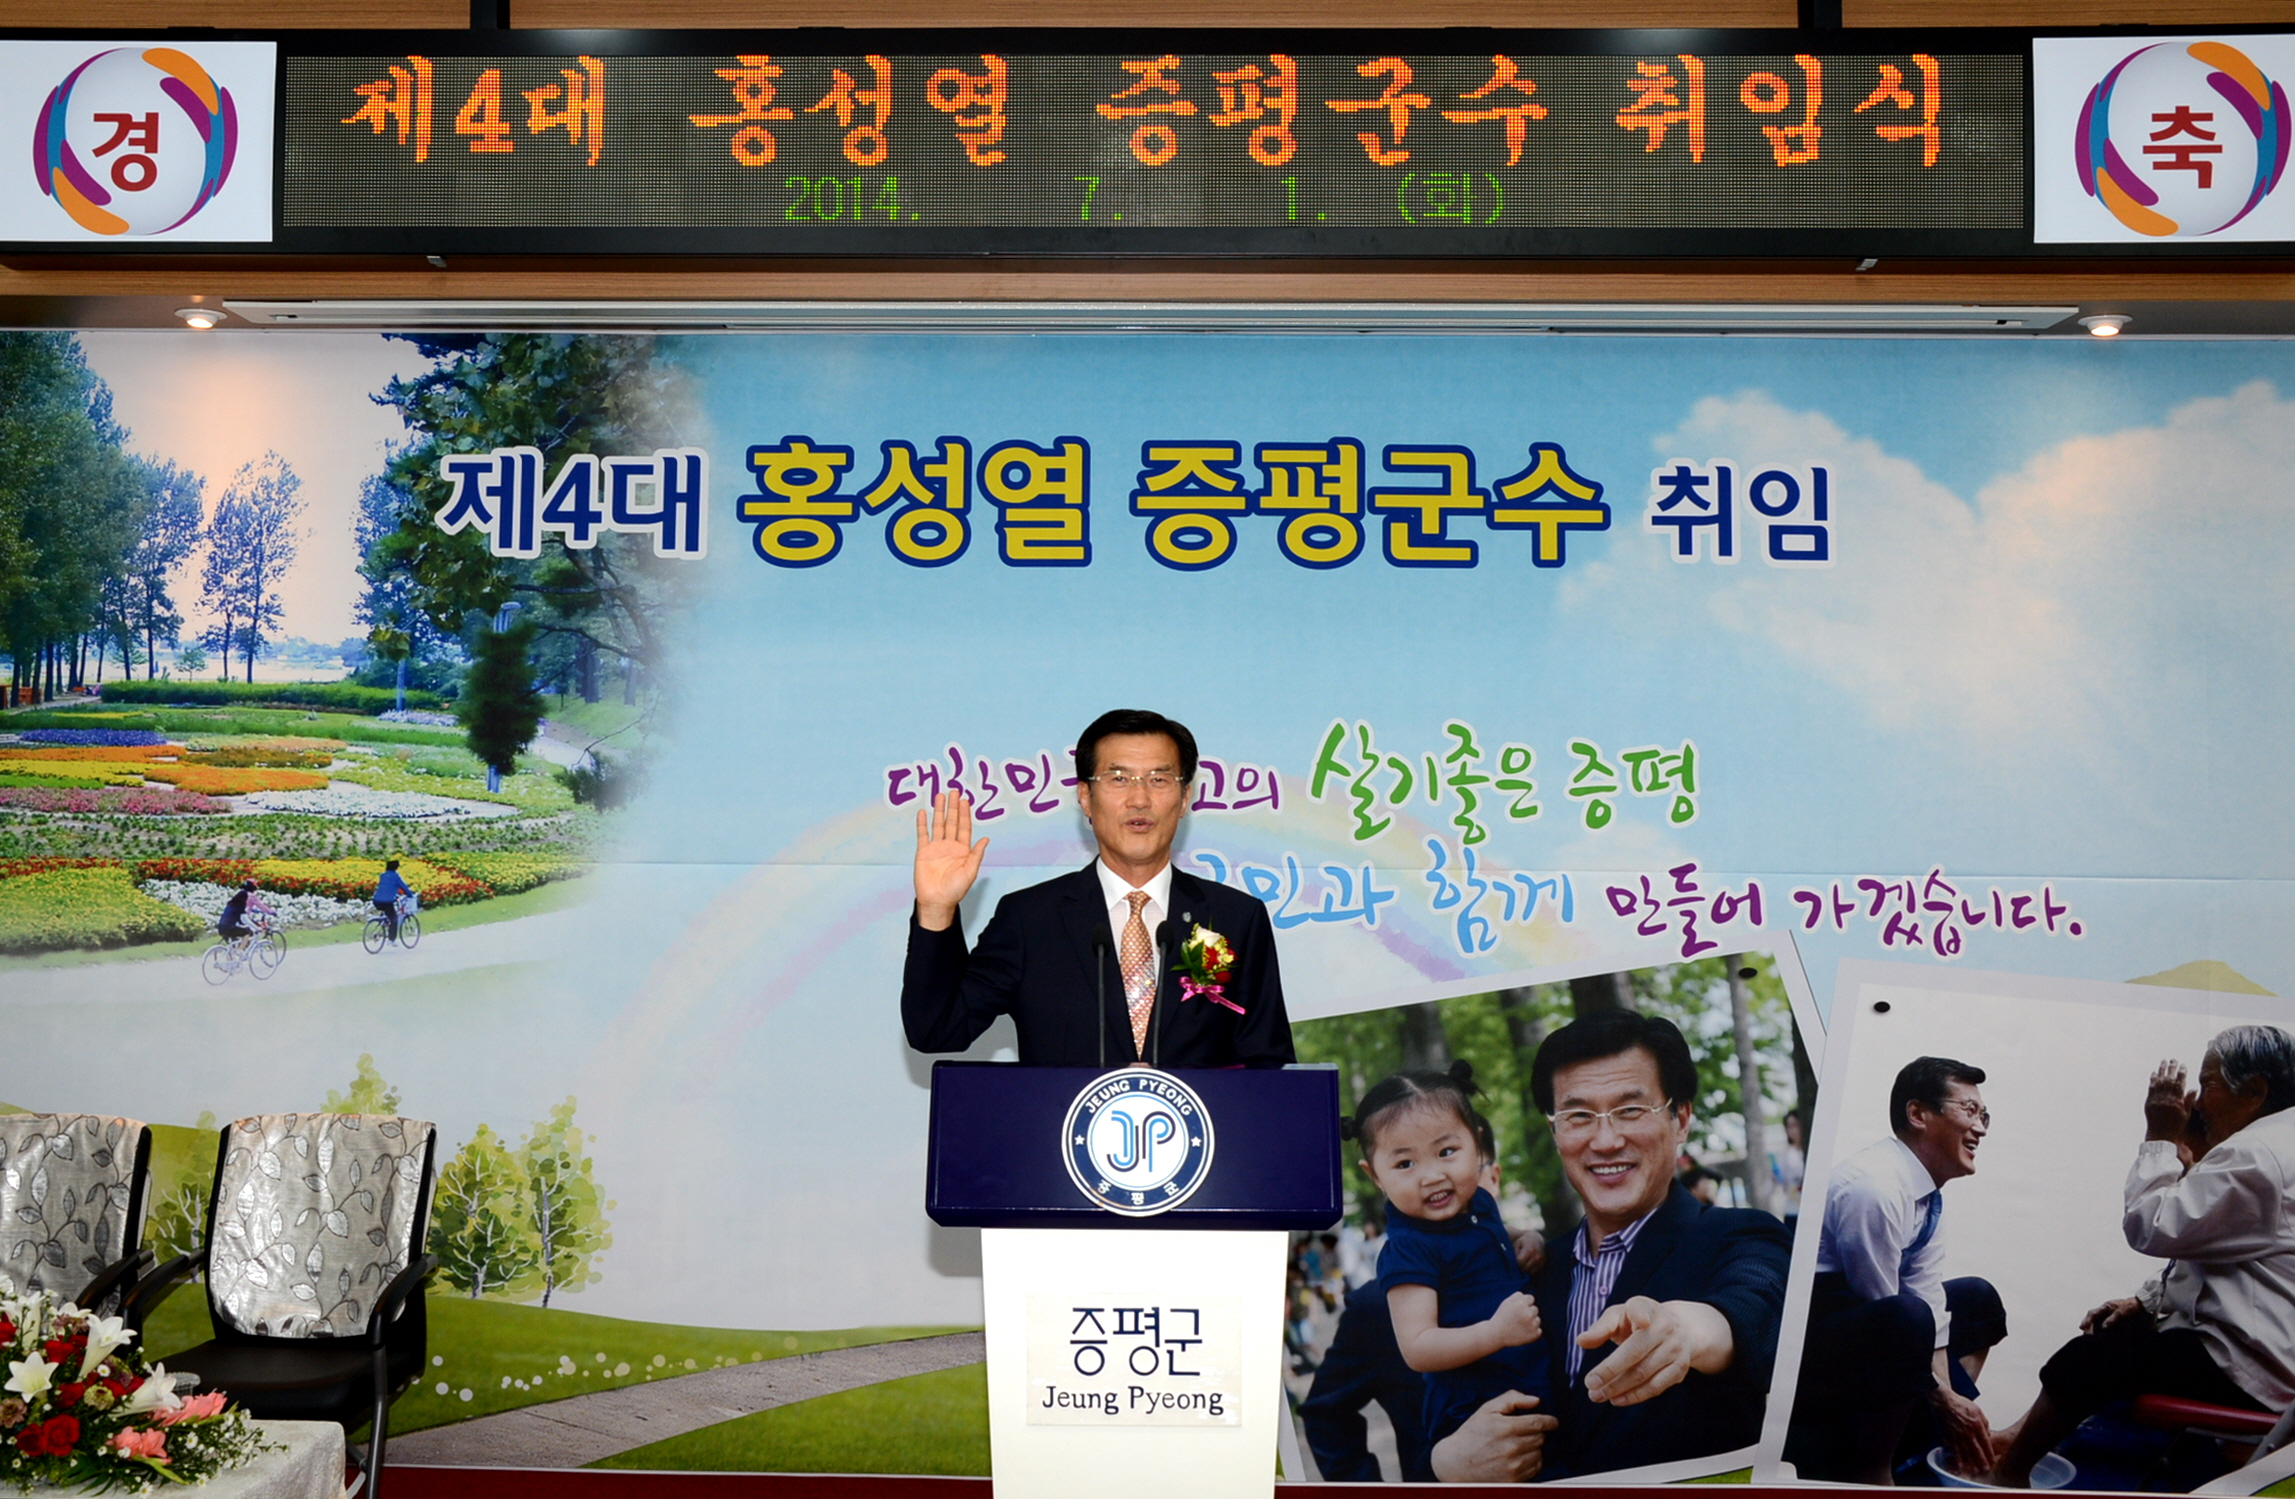 민선4기 홍성열 증평군수 취임 [이미지]